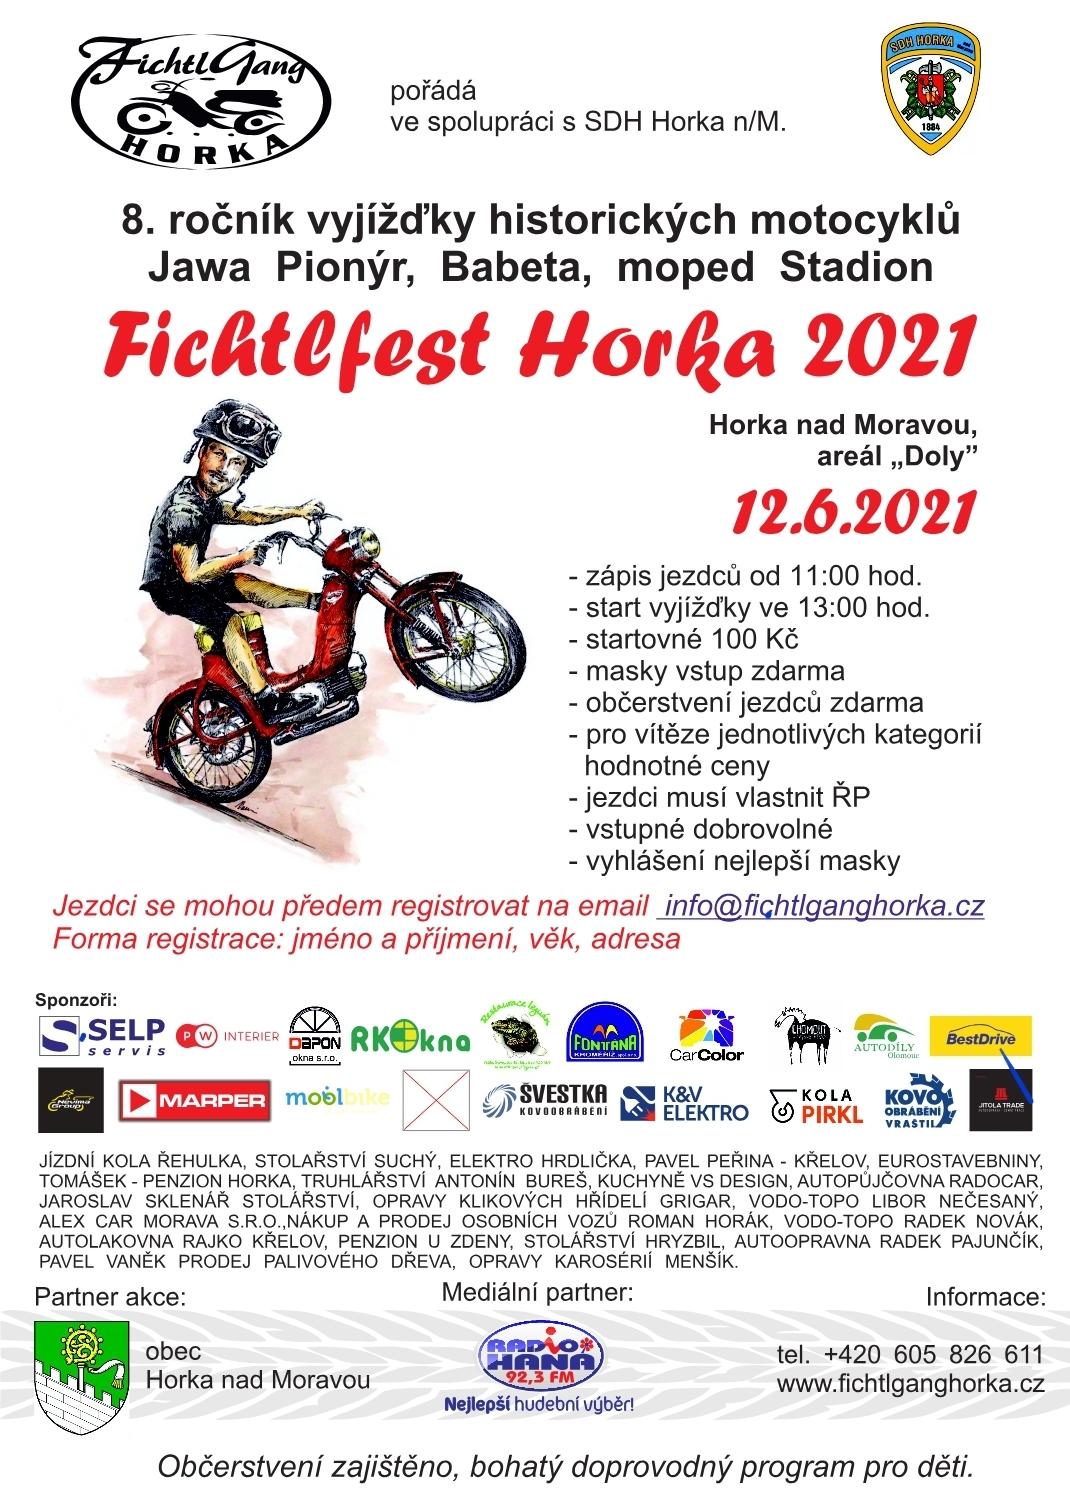 FichtlFest Horka 2021